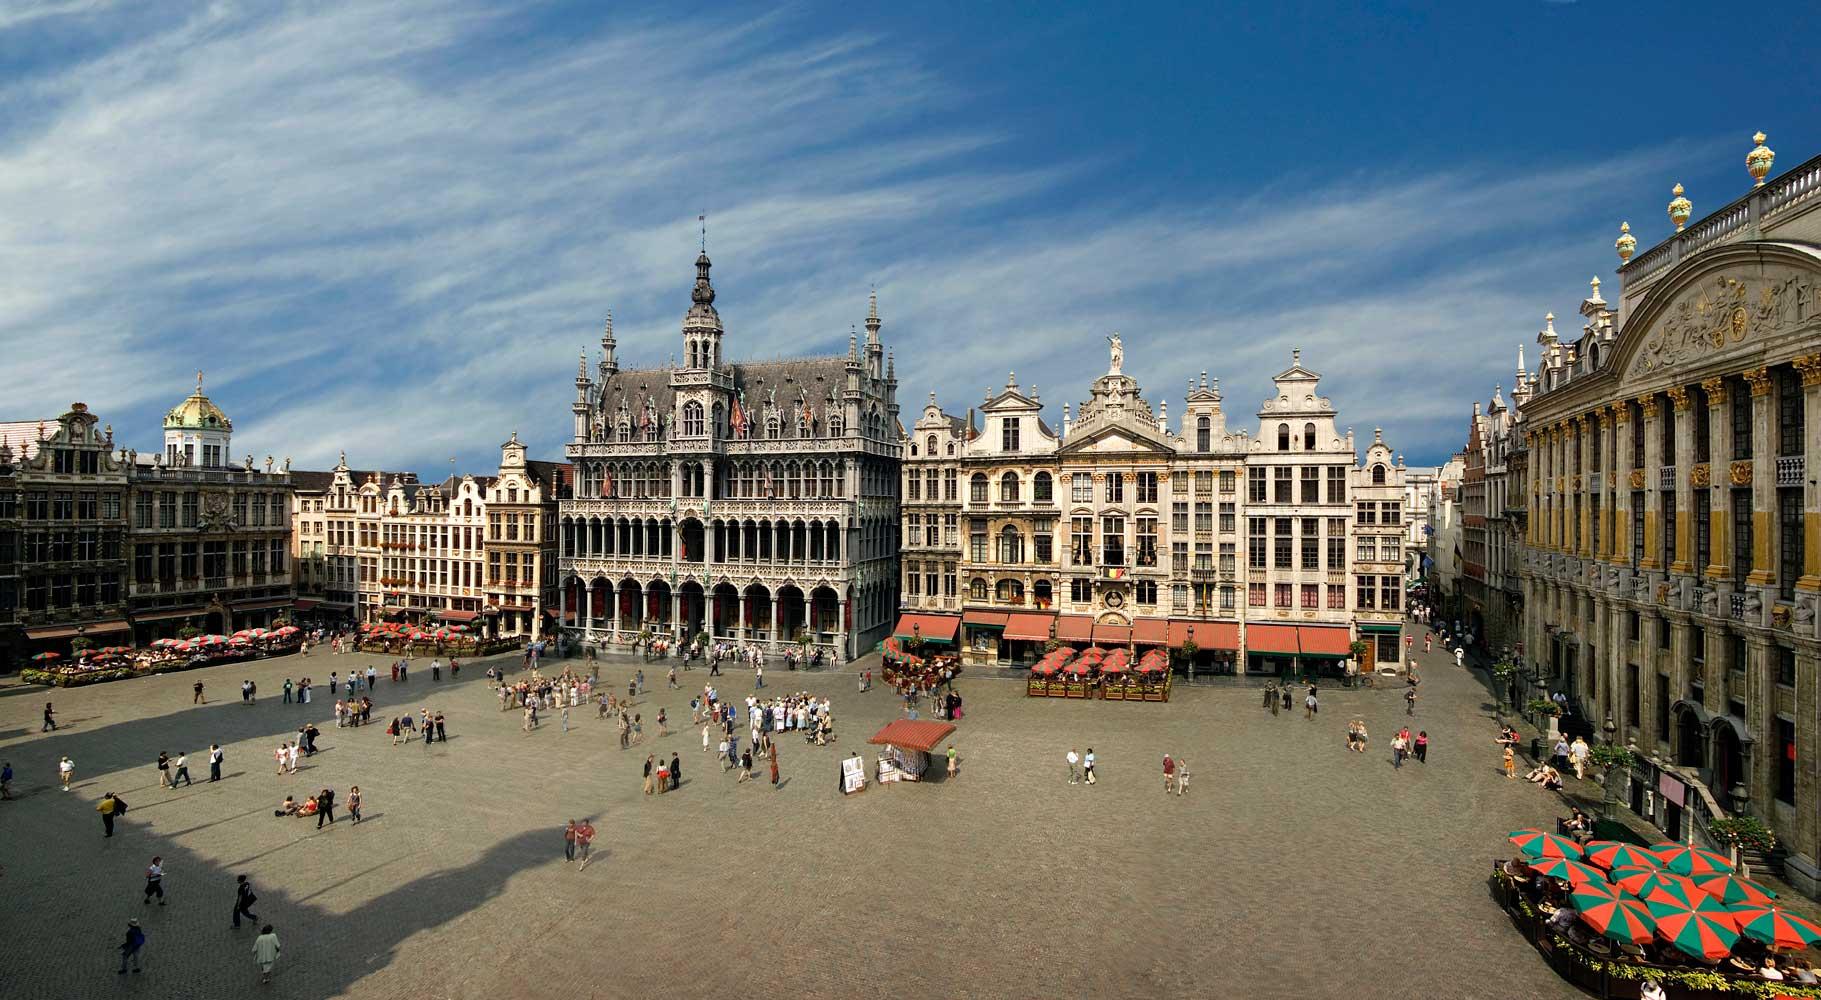 Bruxelles, quanto mi costi?